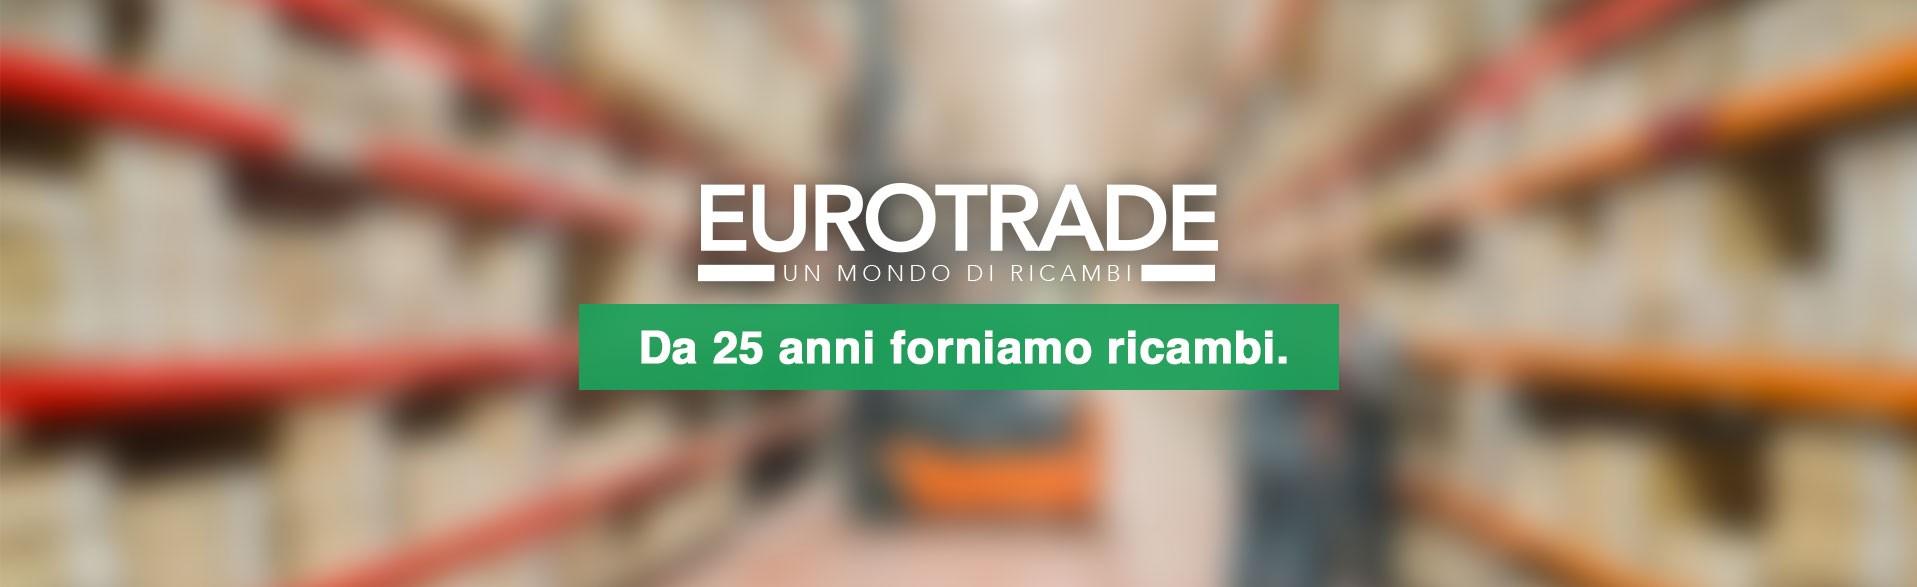 eurotrade ricambi